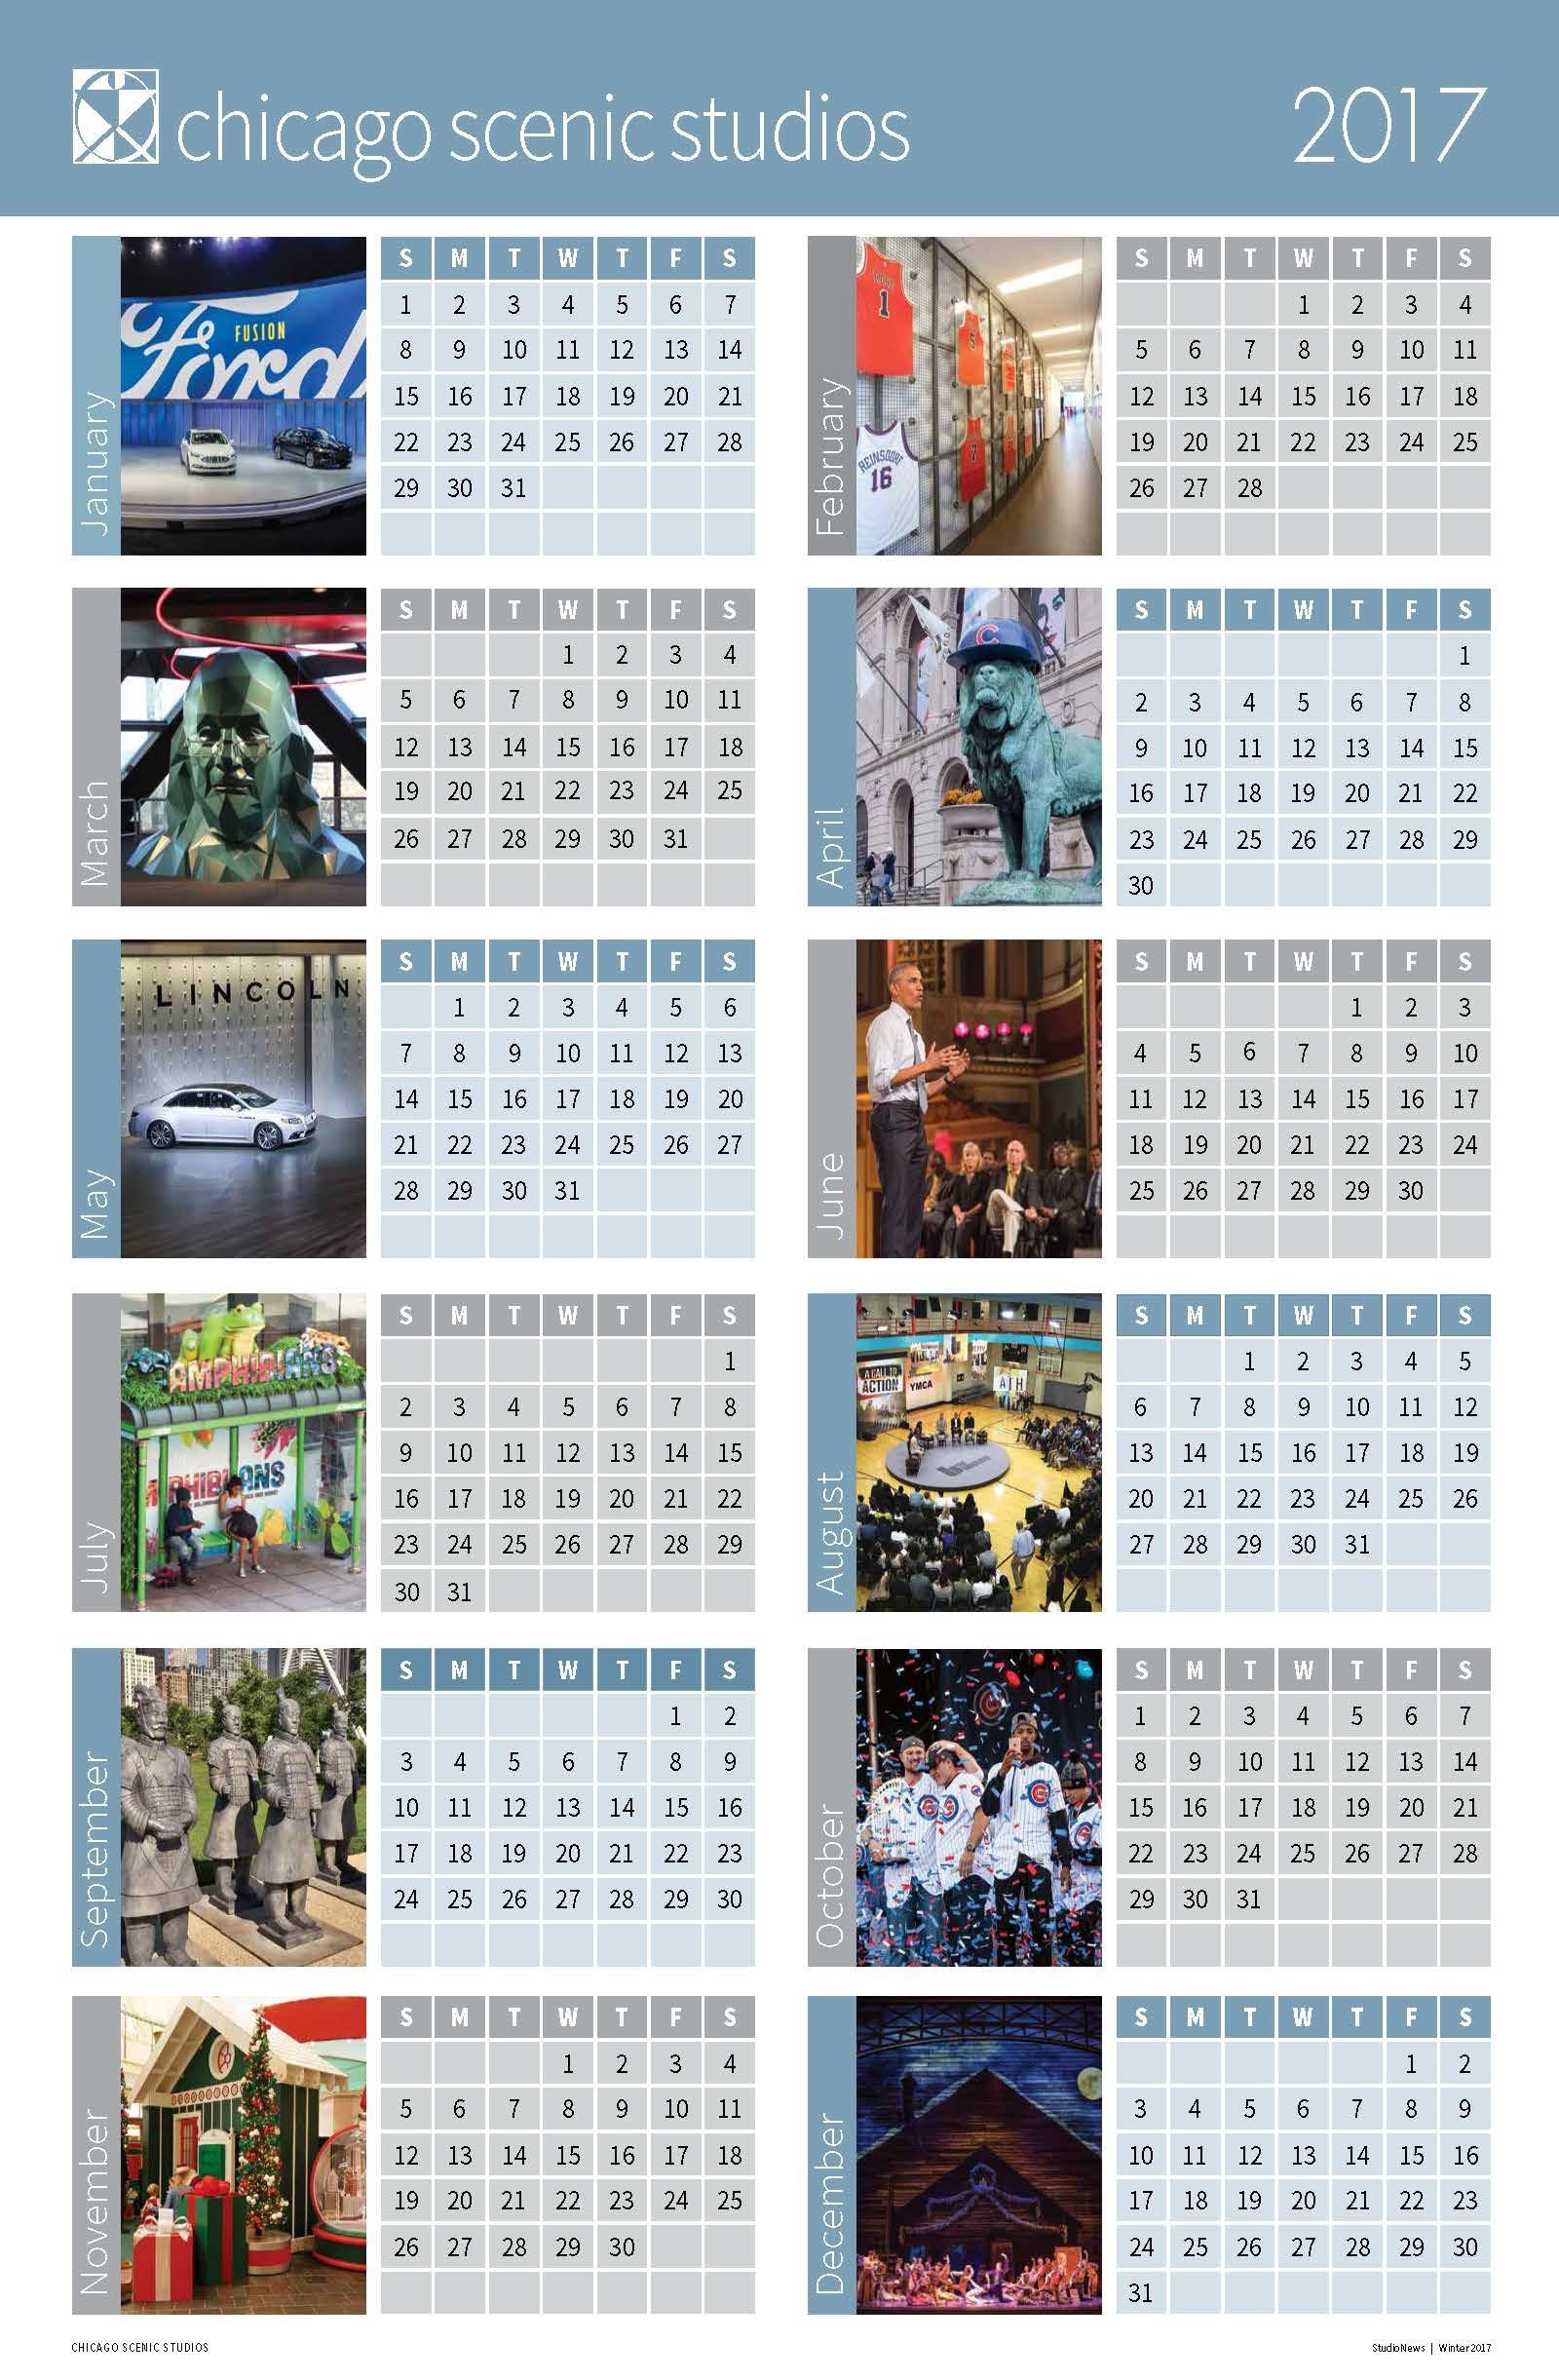 2017 Chicago Scenic Studios Calendar